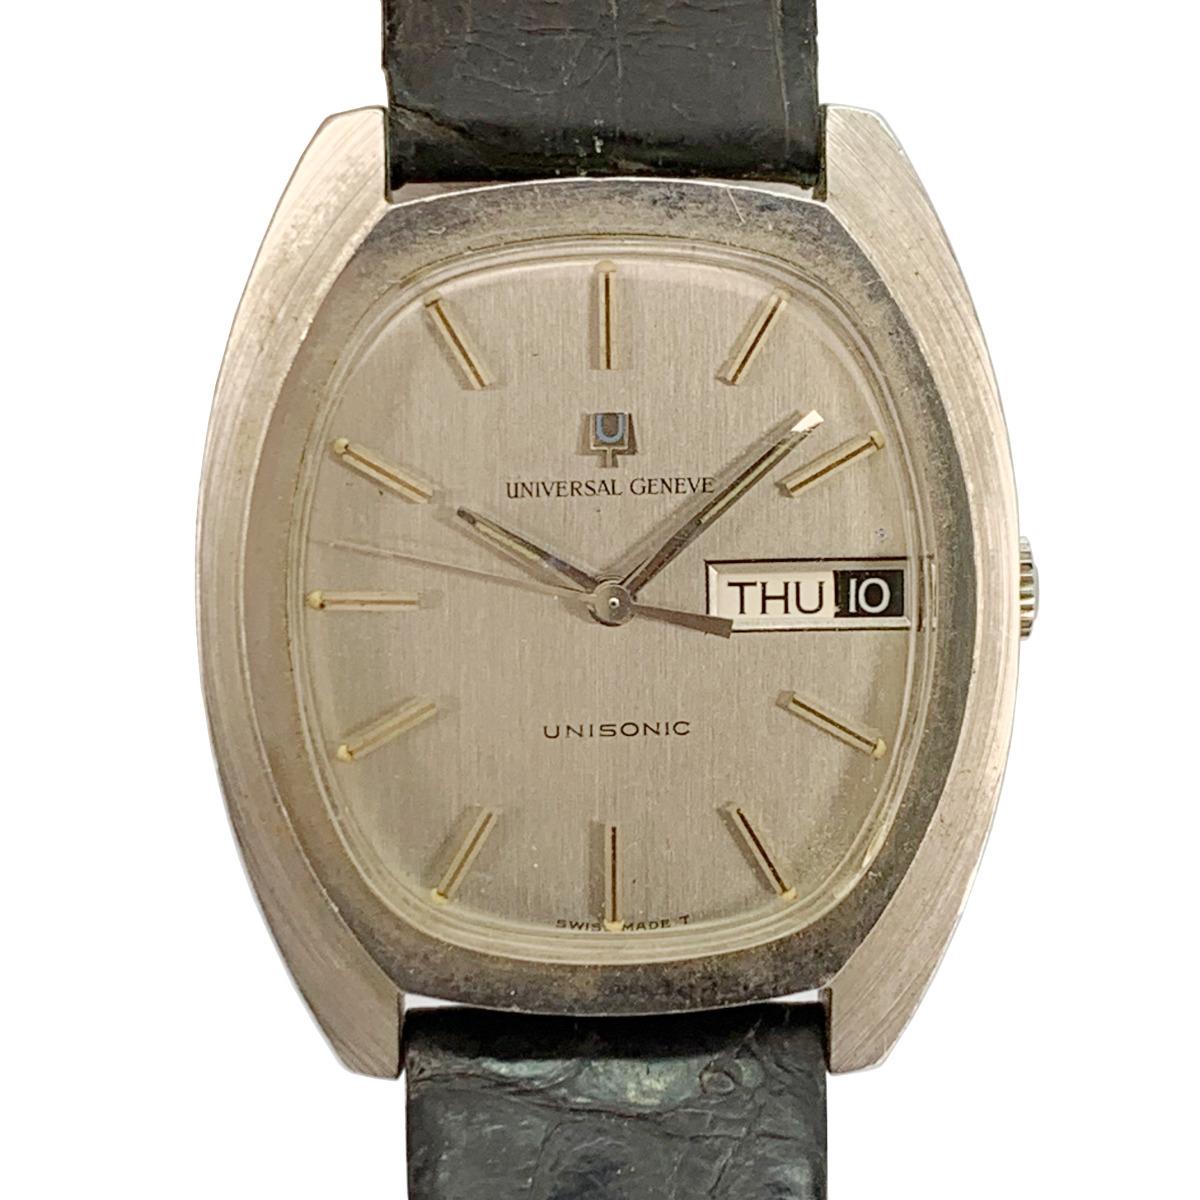 値下げ Universal Geneve ユニバーサルジュネーヴ 853106 Vintage Unisonic Men's Watch 音叉時計 メンズ U_画像1